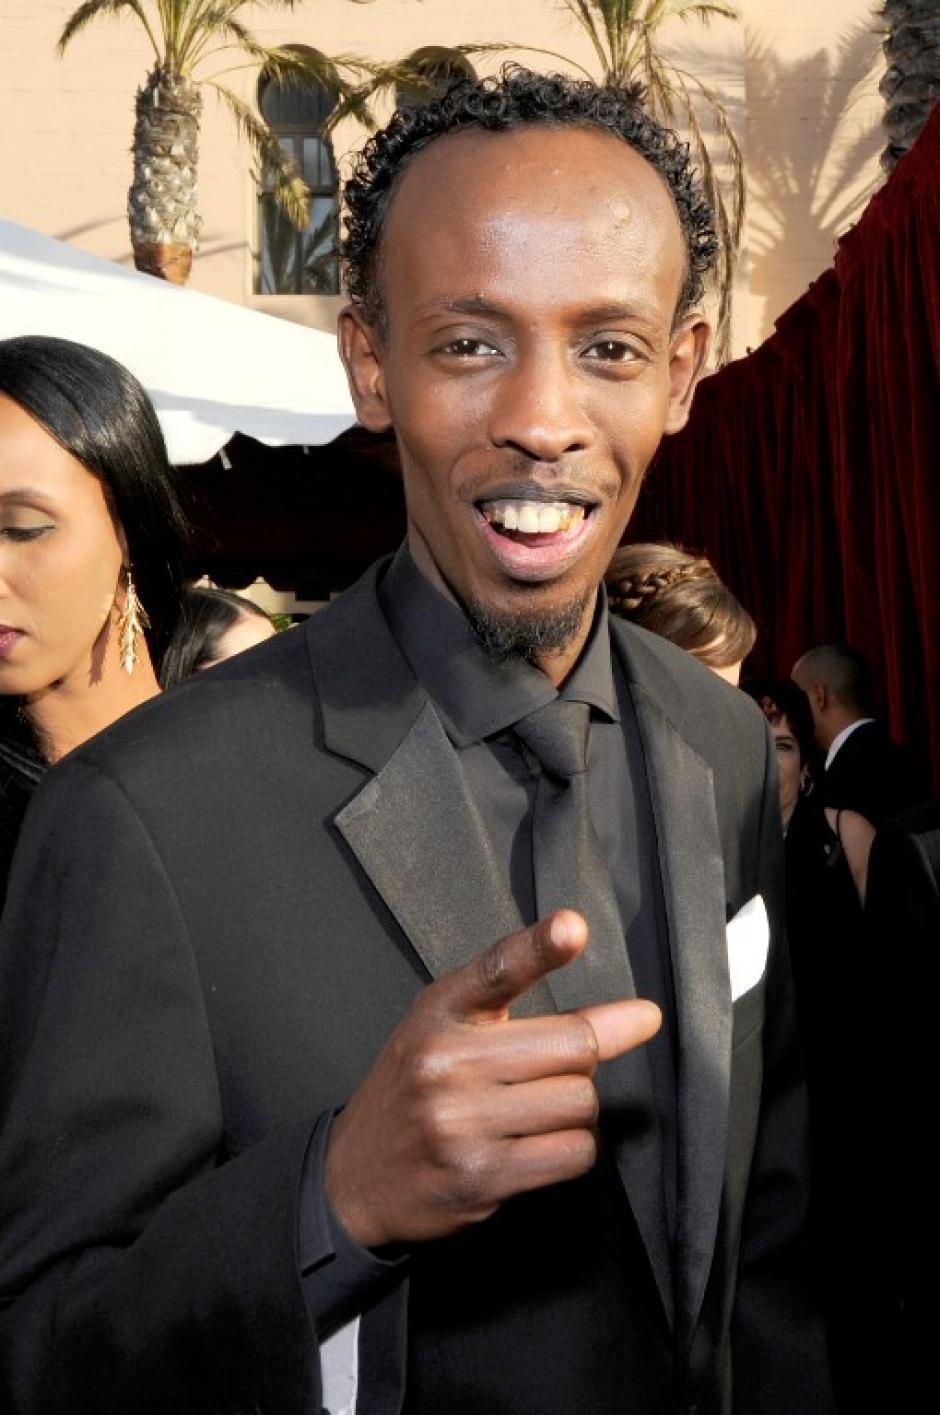 Barkhad Abdi conducía un taxi hace unos meses y ahora está nominado a un Screen Guild Actors Awards y a un Oscar, por su actuación en la película Captain Phillips. (AFP)